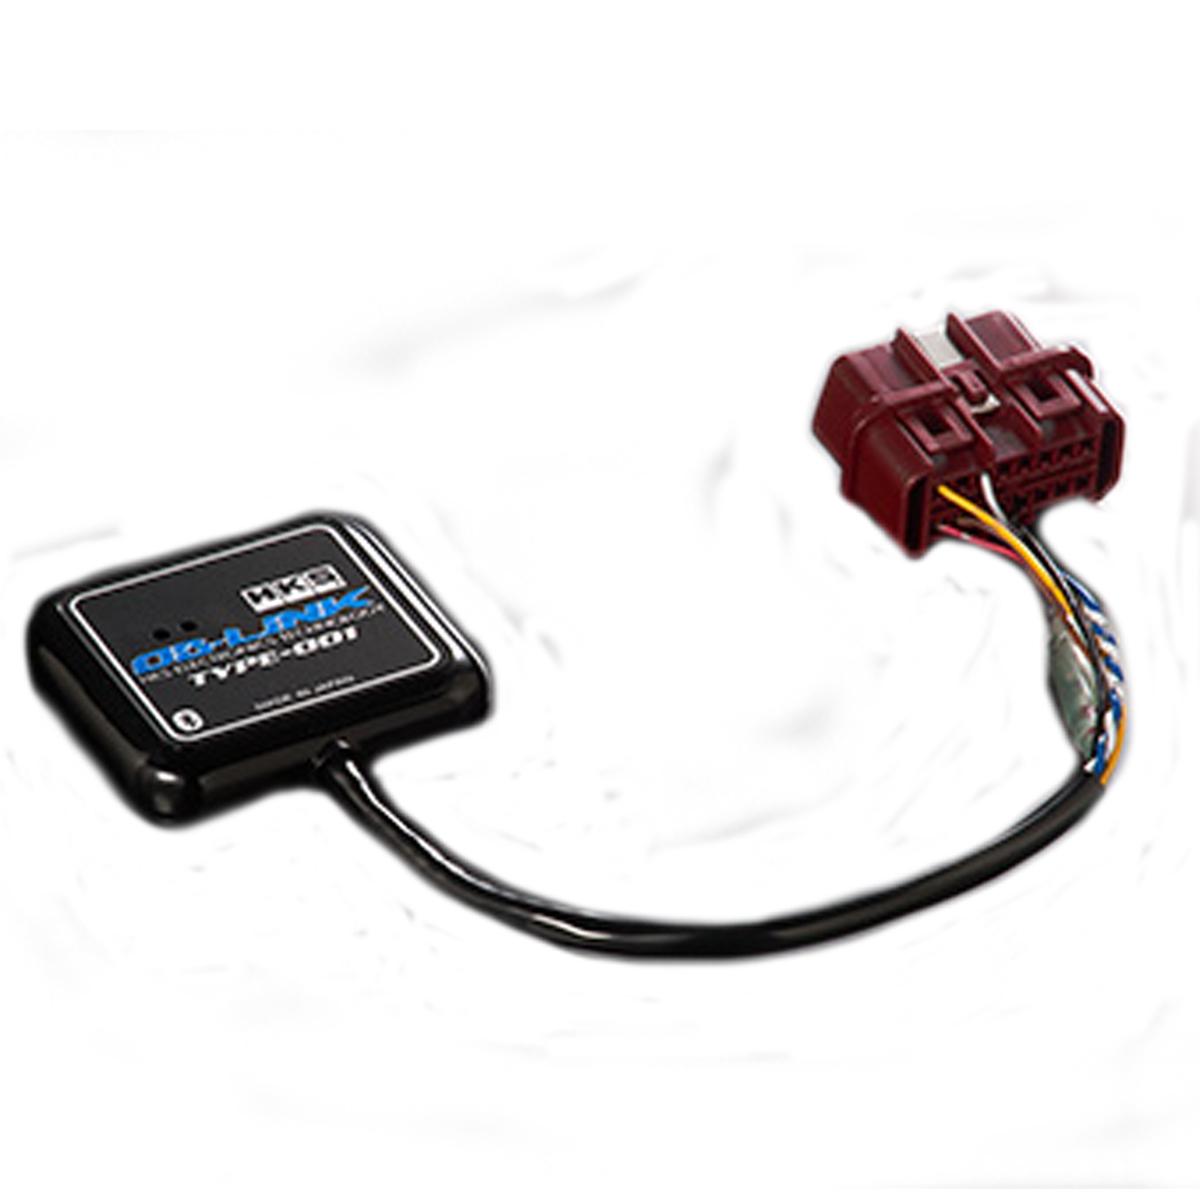 ウィッシュ モニター OBリンク タイプ 001 ANE11W HKS 44009-AK002 エレクトリニクス 個人宅発送追金有